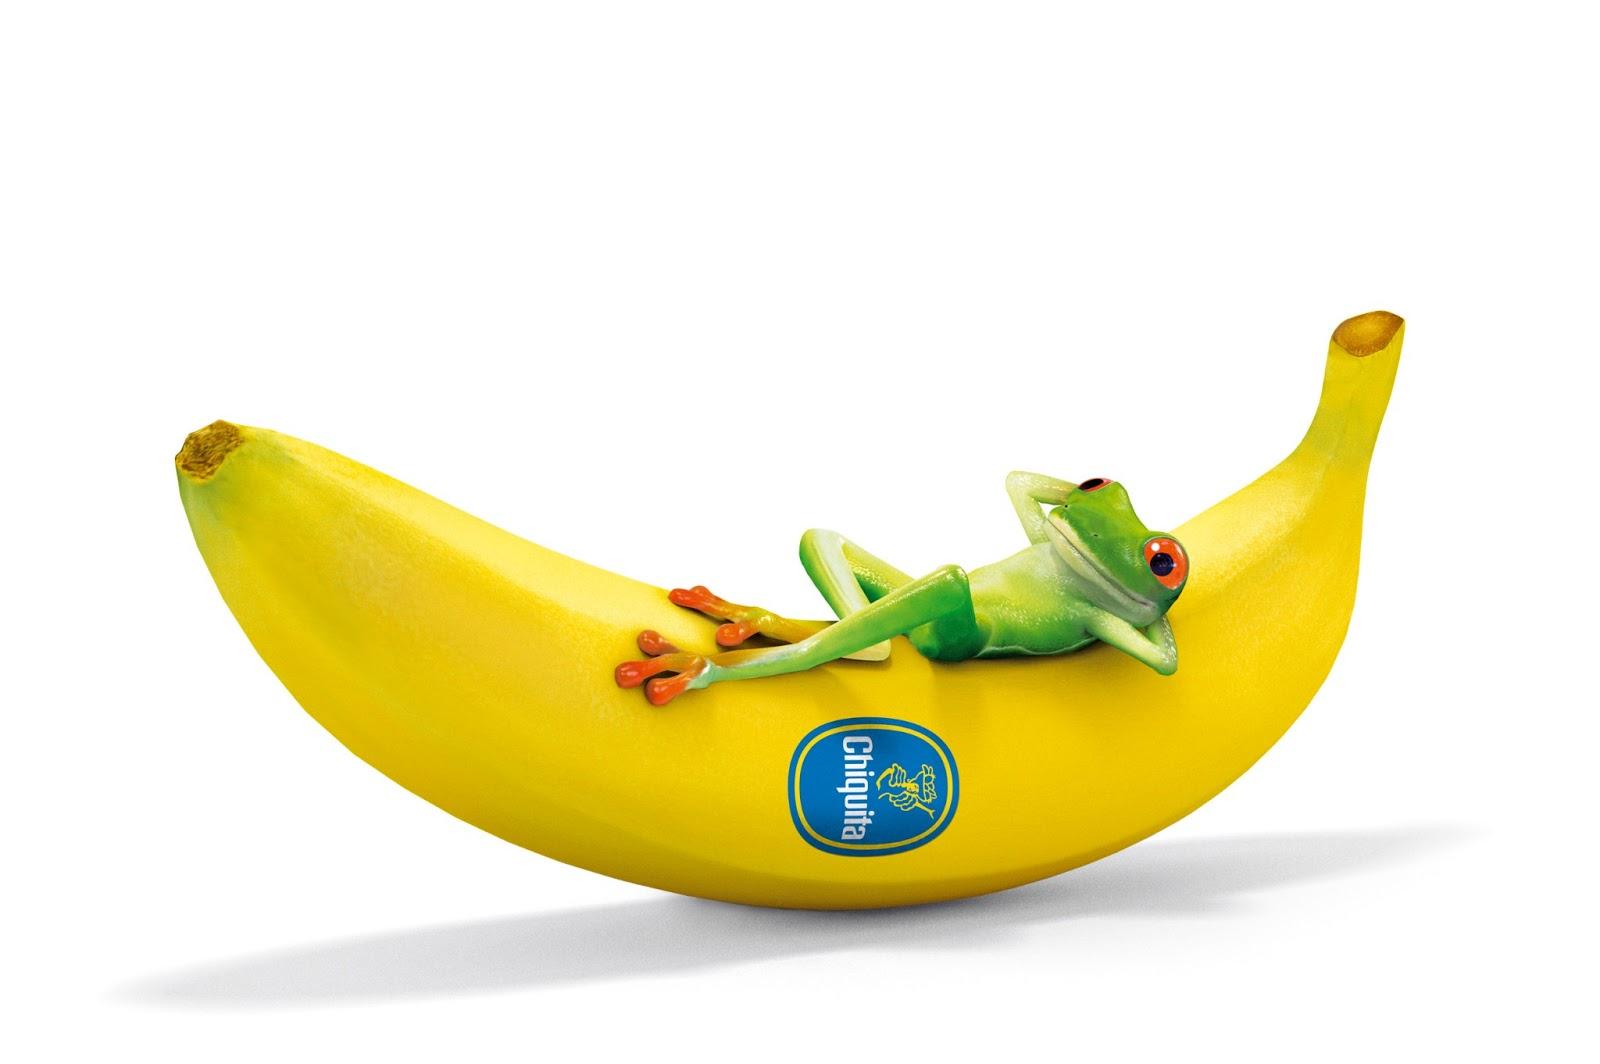 Funny Frog Sleeping on Banana